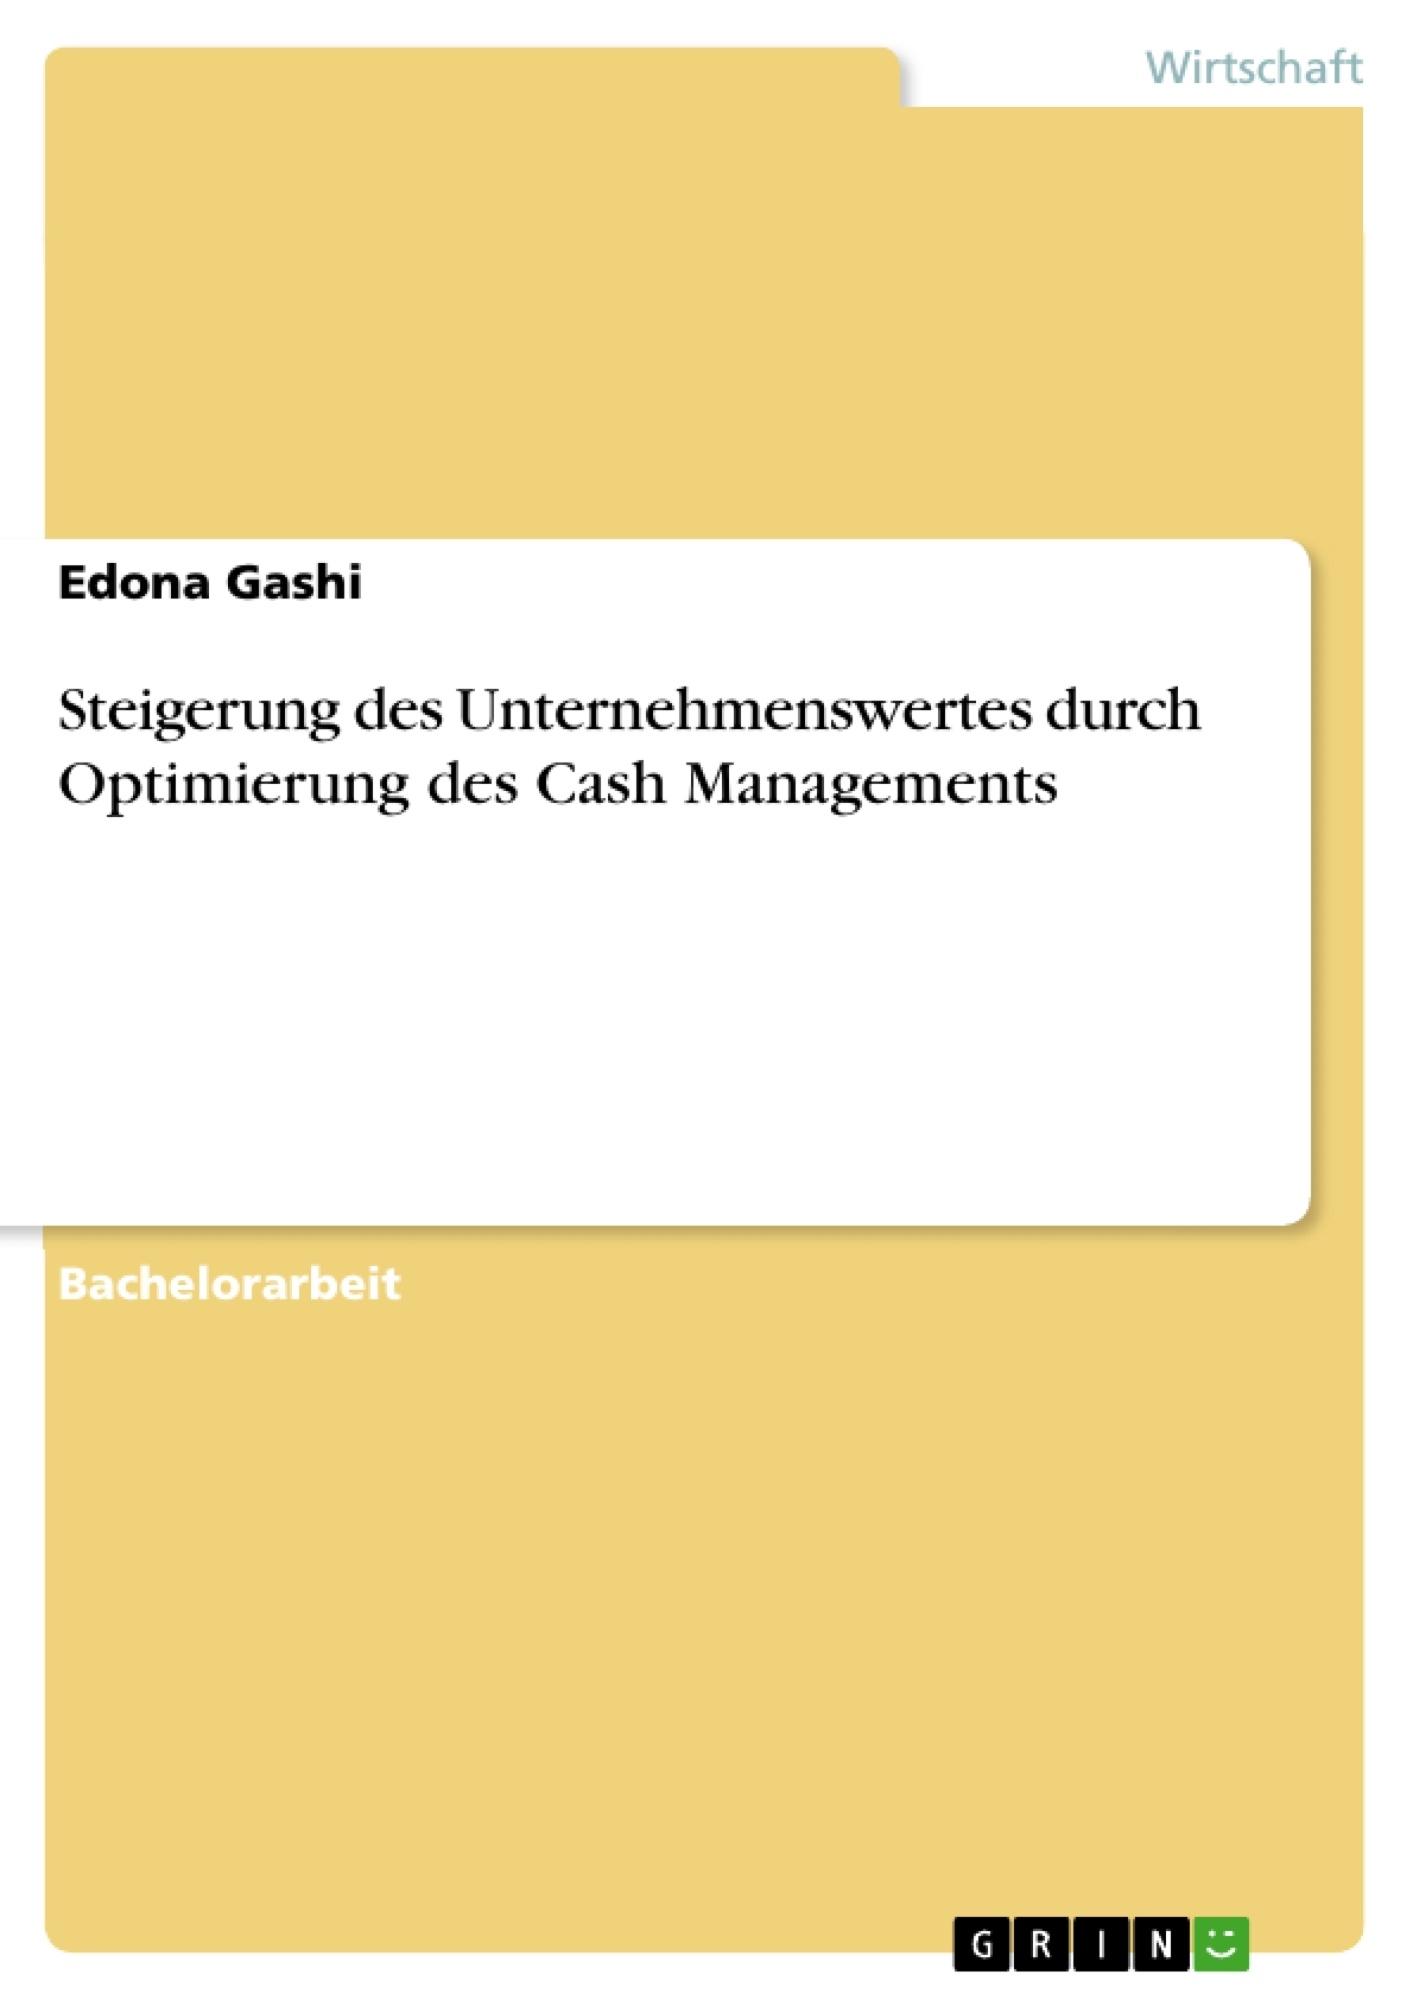 Titel: Steigerung des Unternehmenswertes durch Optimierung des Cash Managements